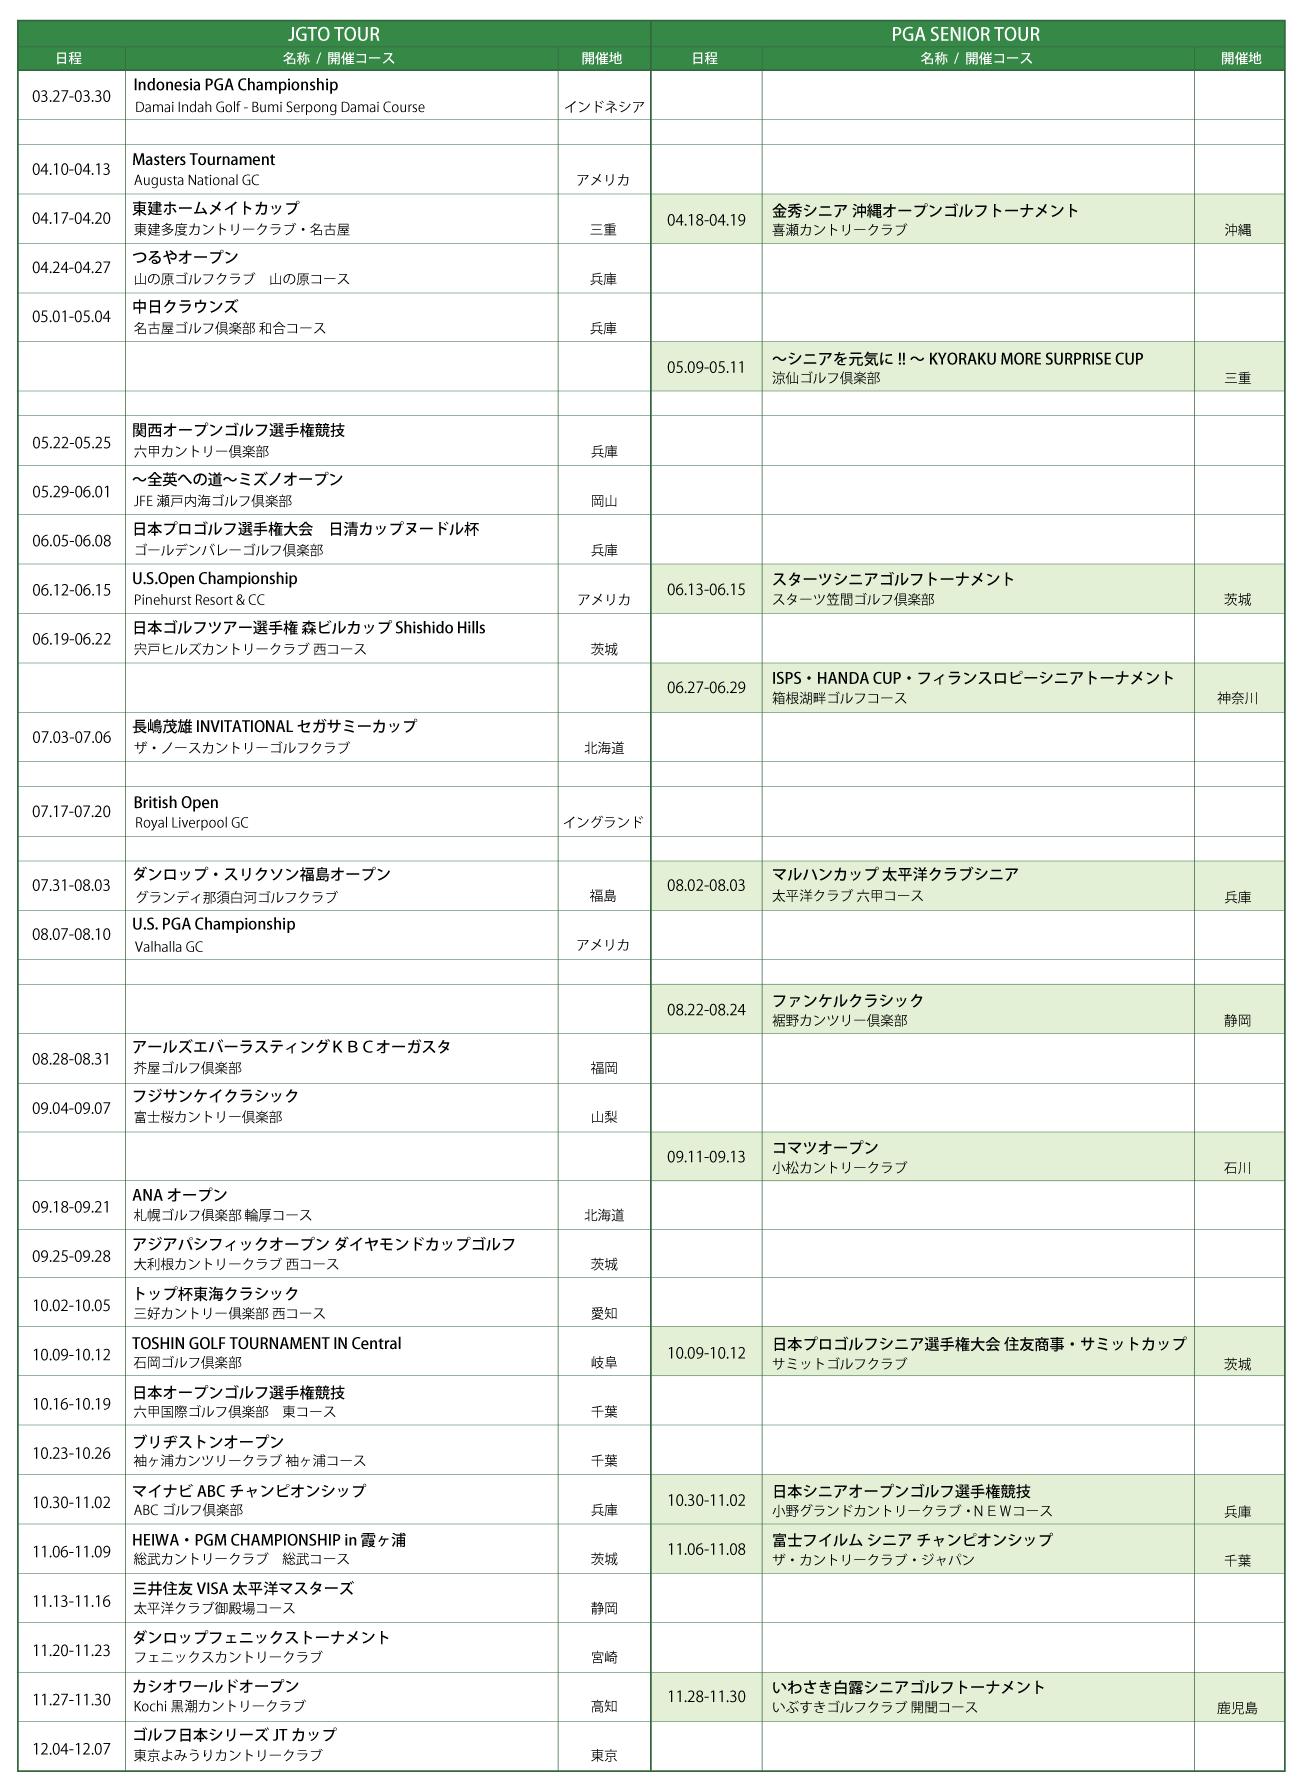 2014 トーナメントスケジュール